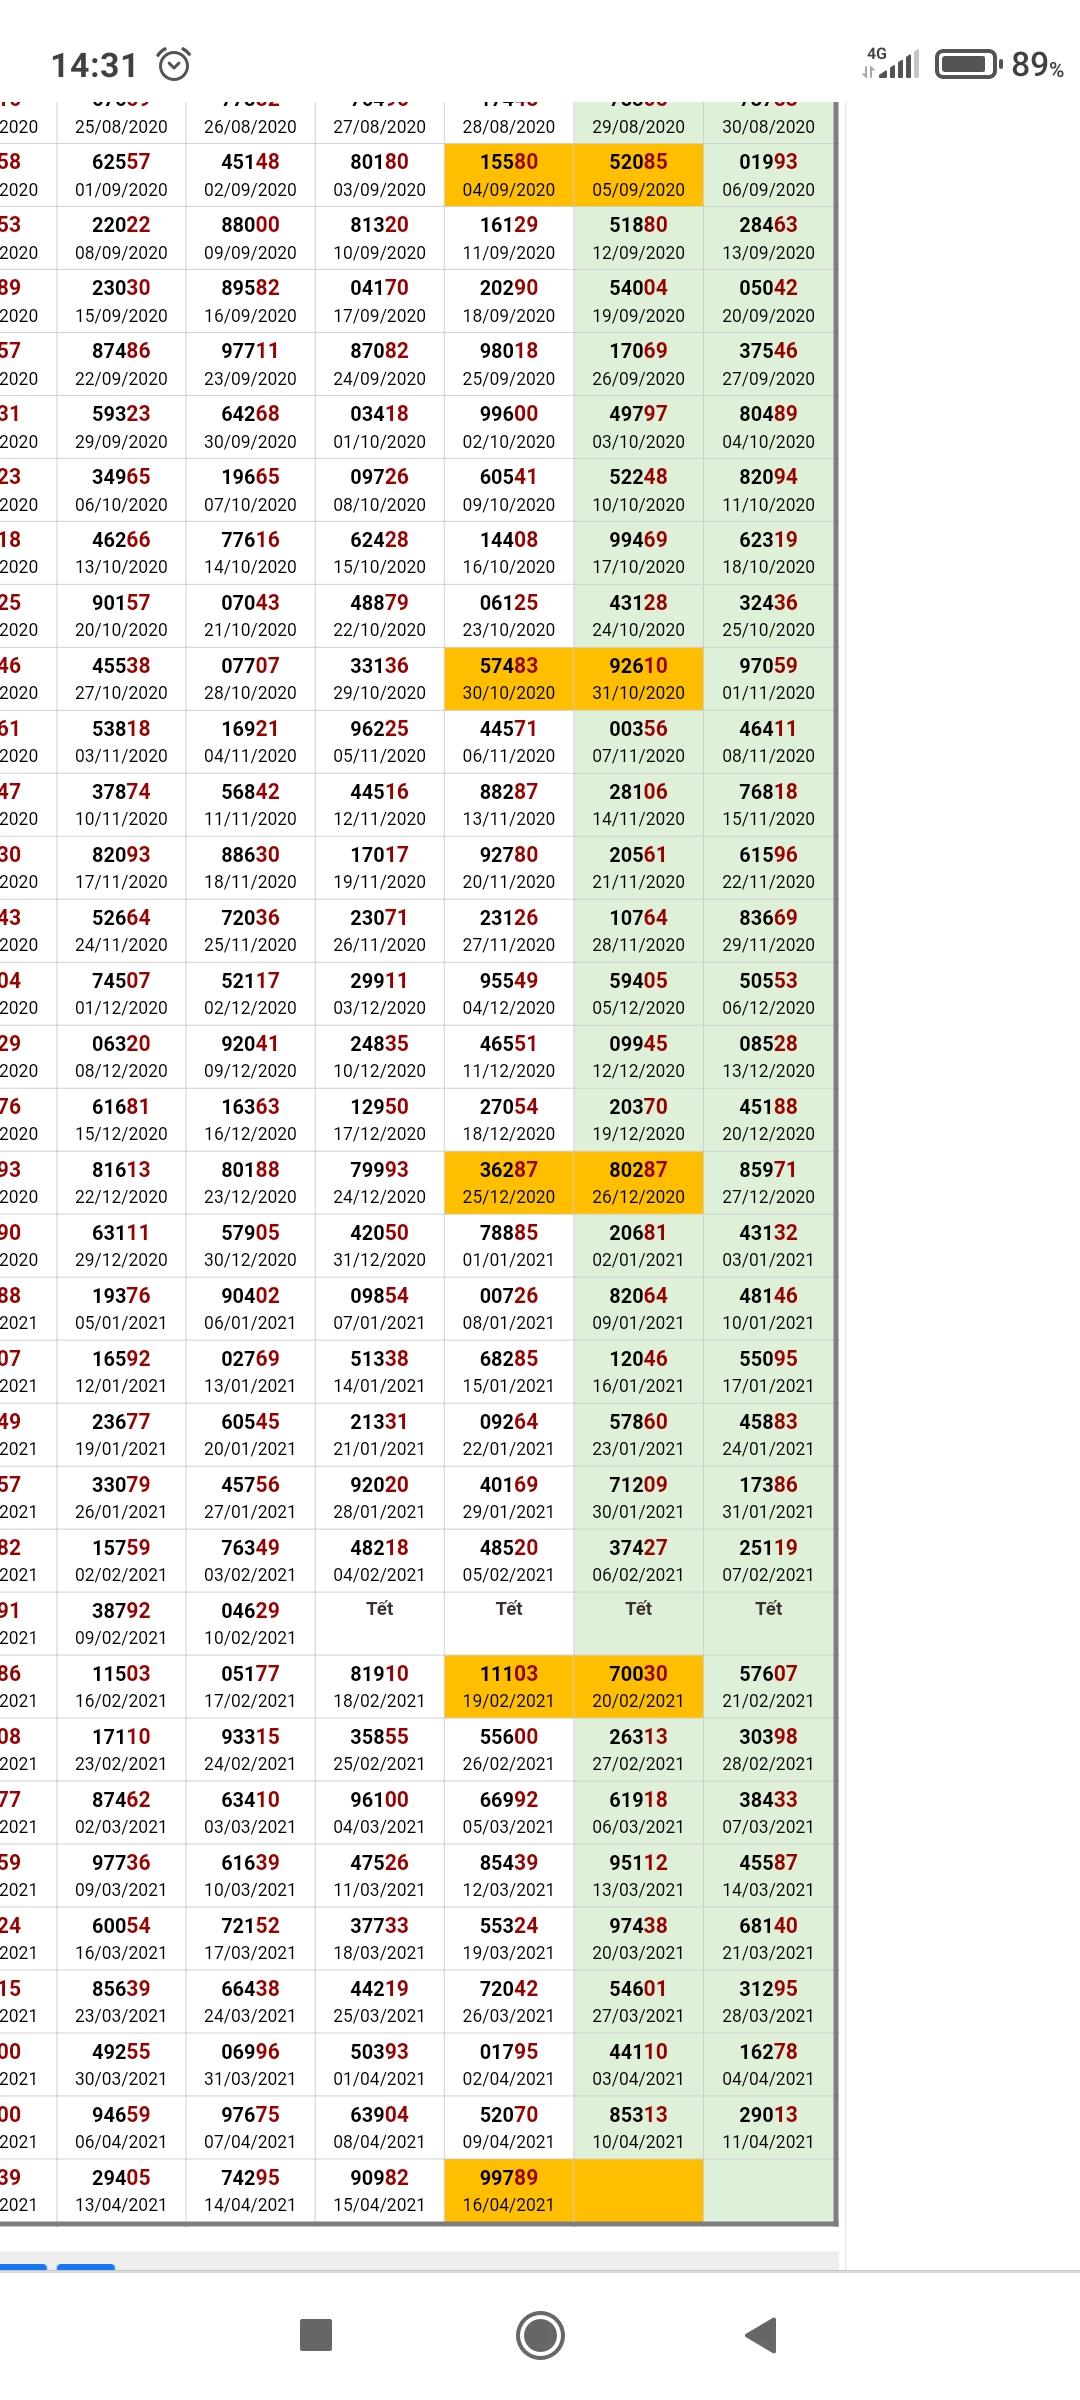 Screenshot_2021-04-17-14-31-42-532_com.android.chrome.jpg